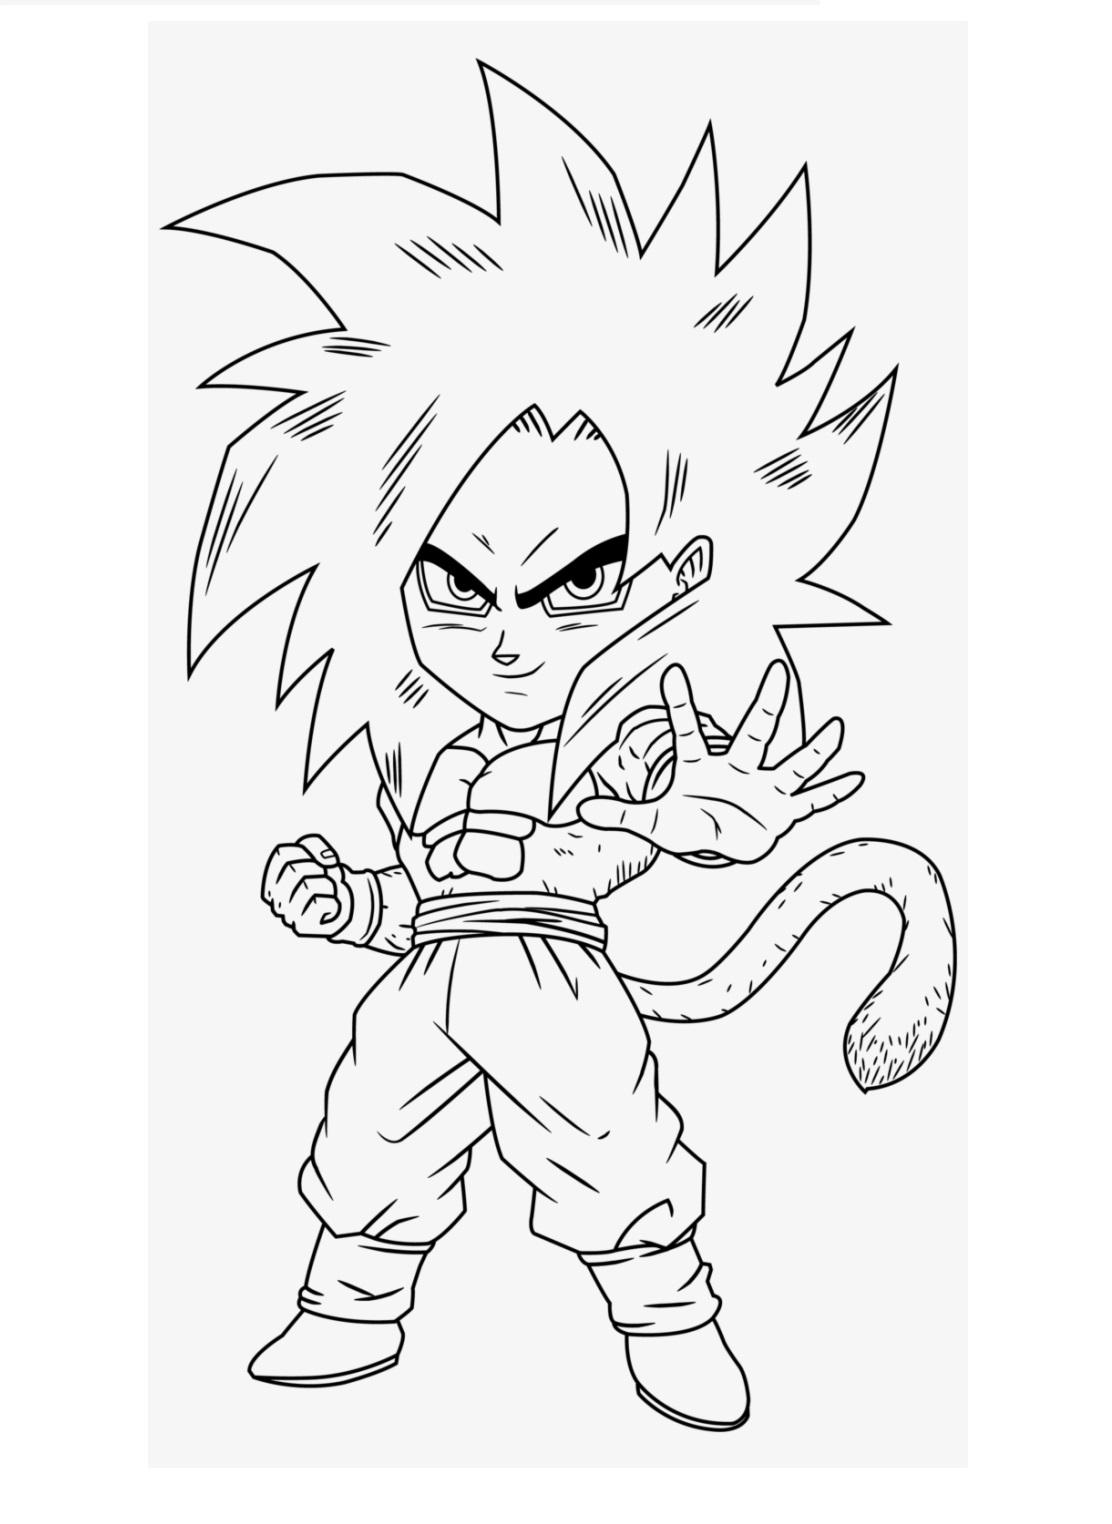 Chibi Goku Super Saiyan Xeno